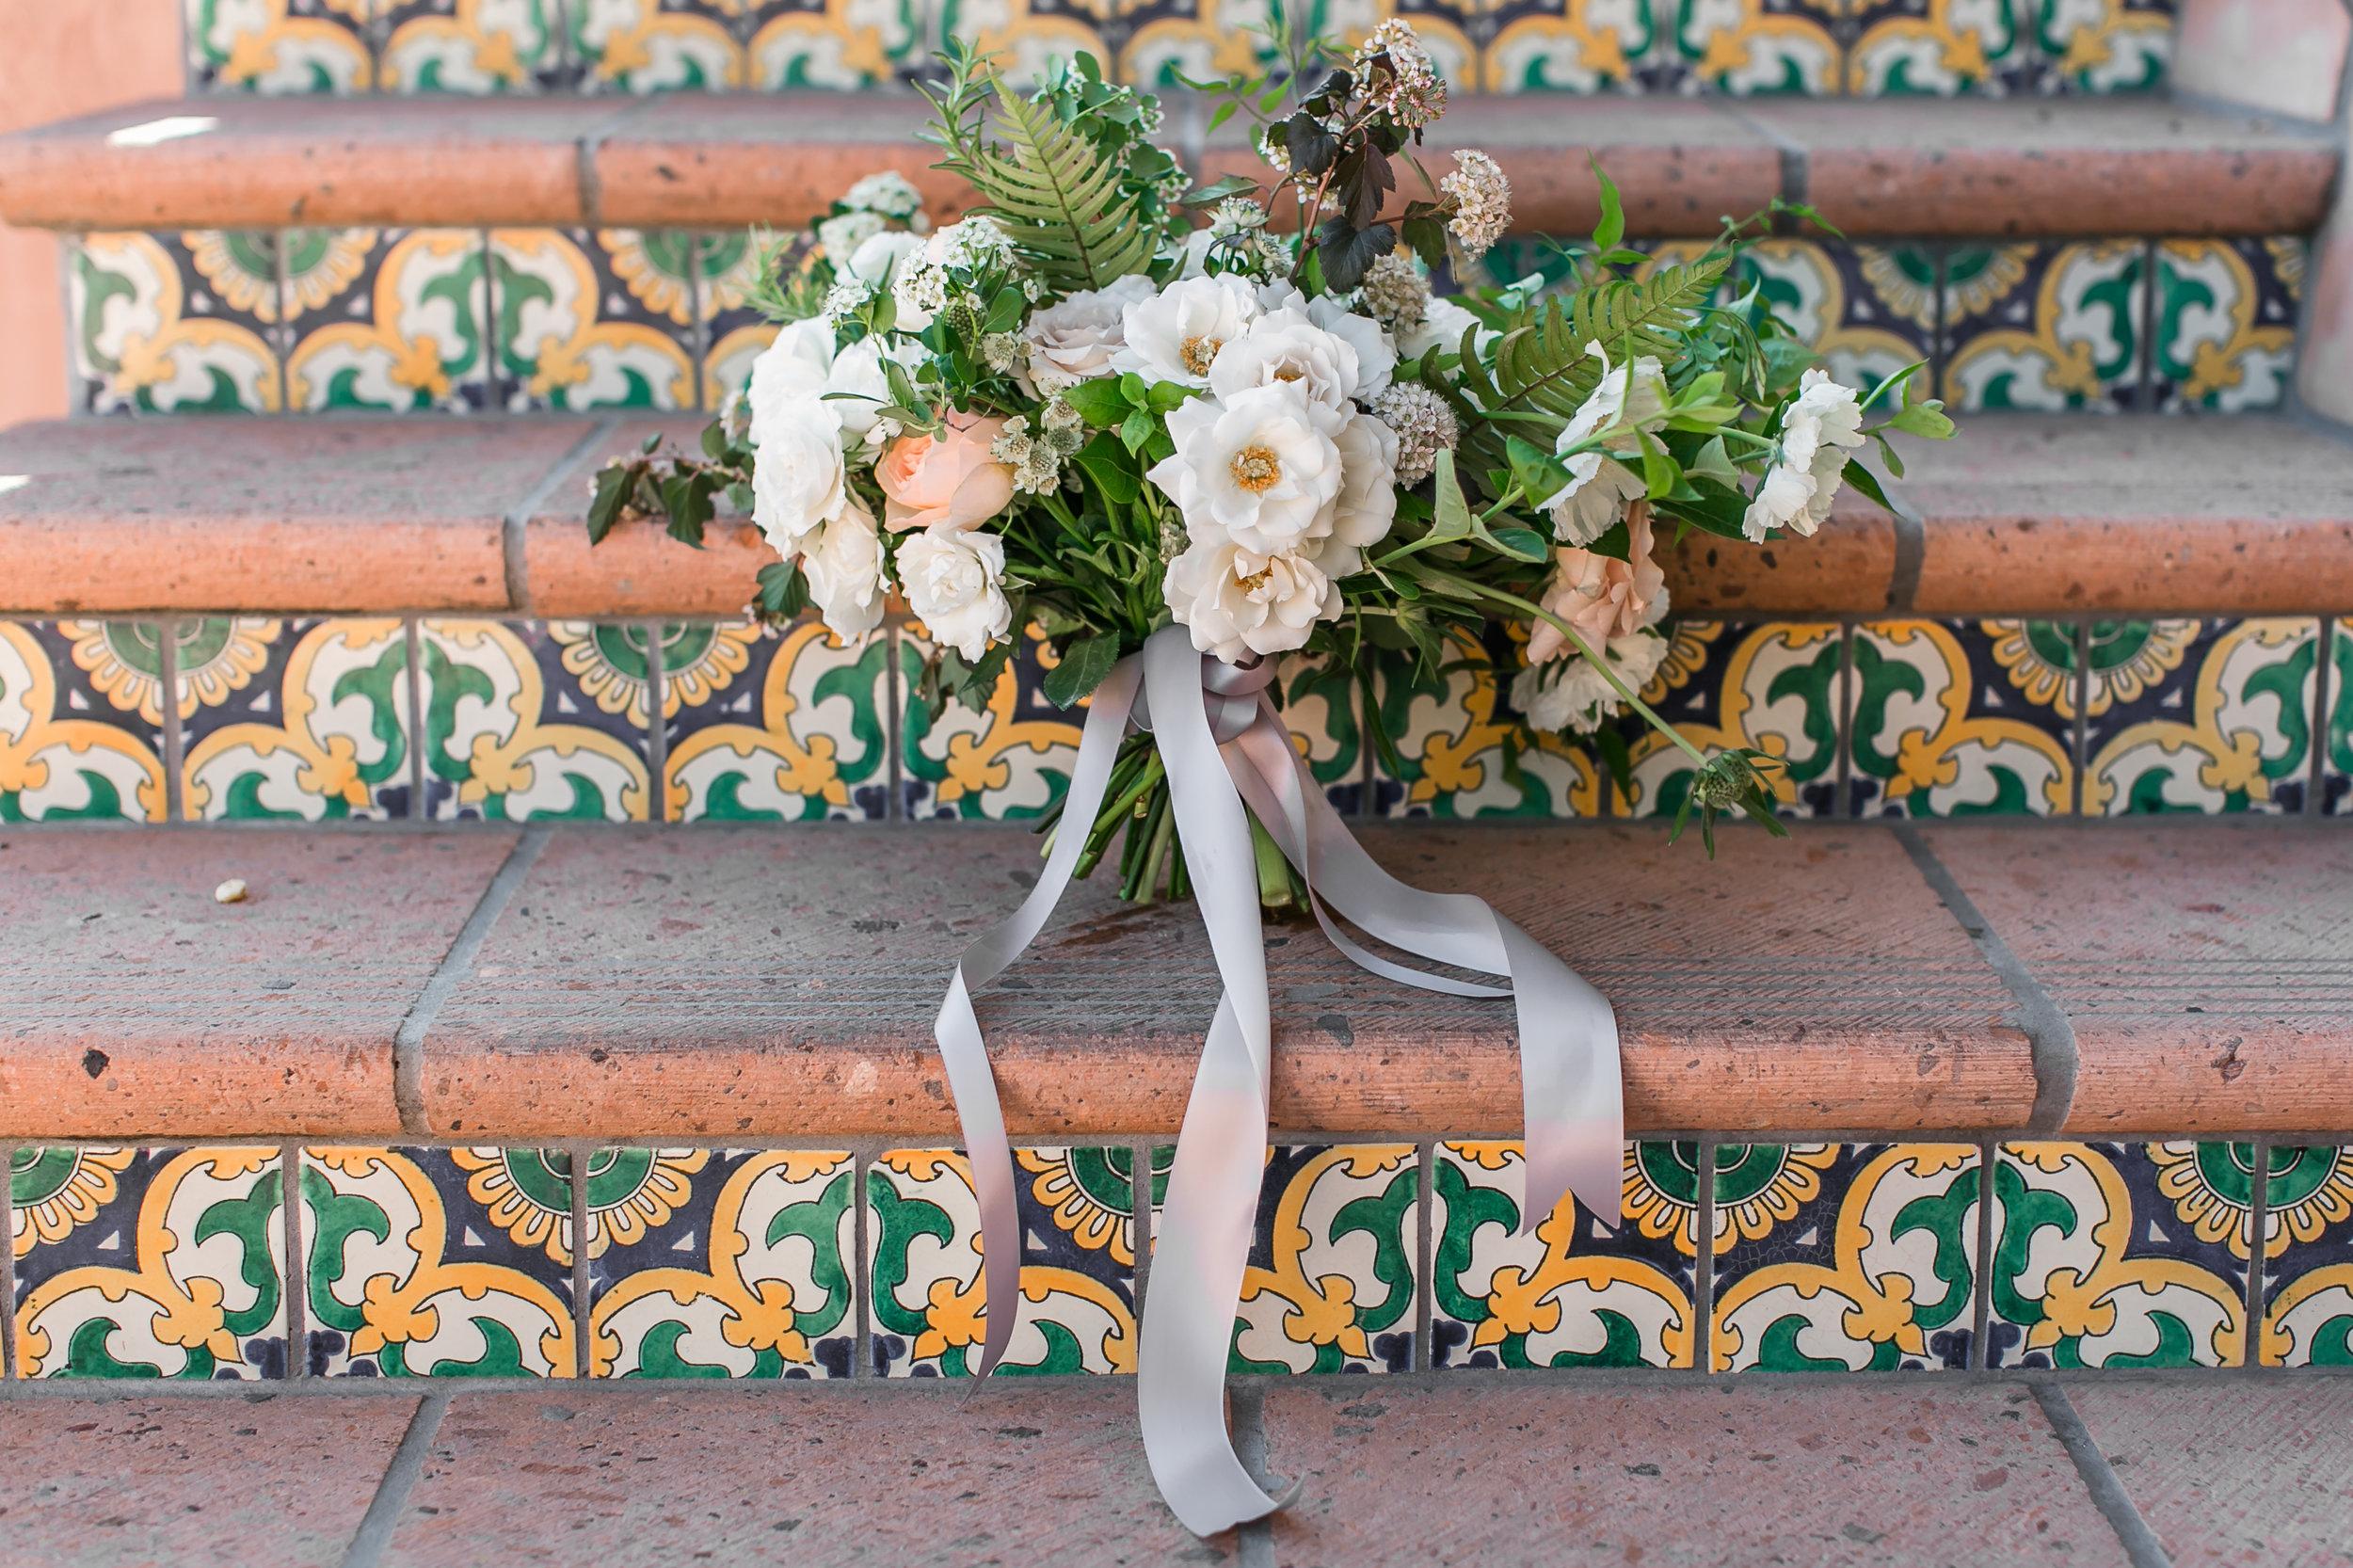 Julie_Ferneau-blooms-rancho-valencia-ribeau-wedding-rancho-santa-fe-luxury-garden-wedding-11.jpg